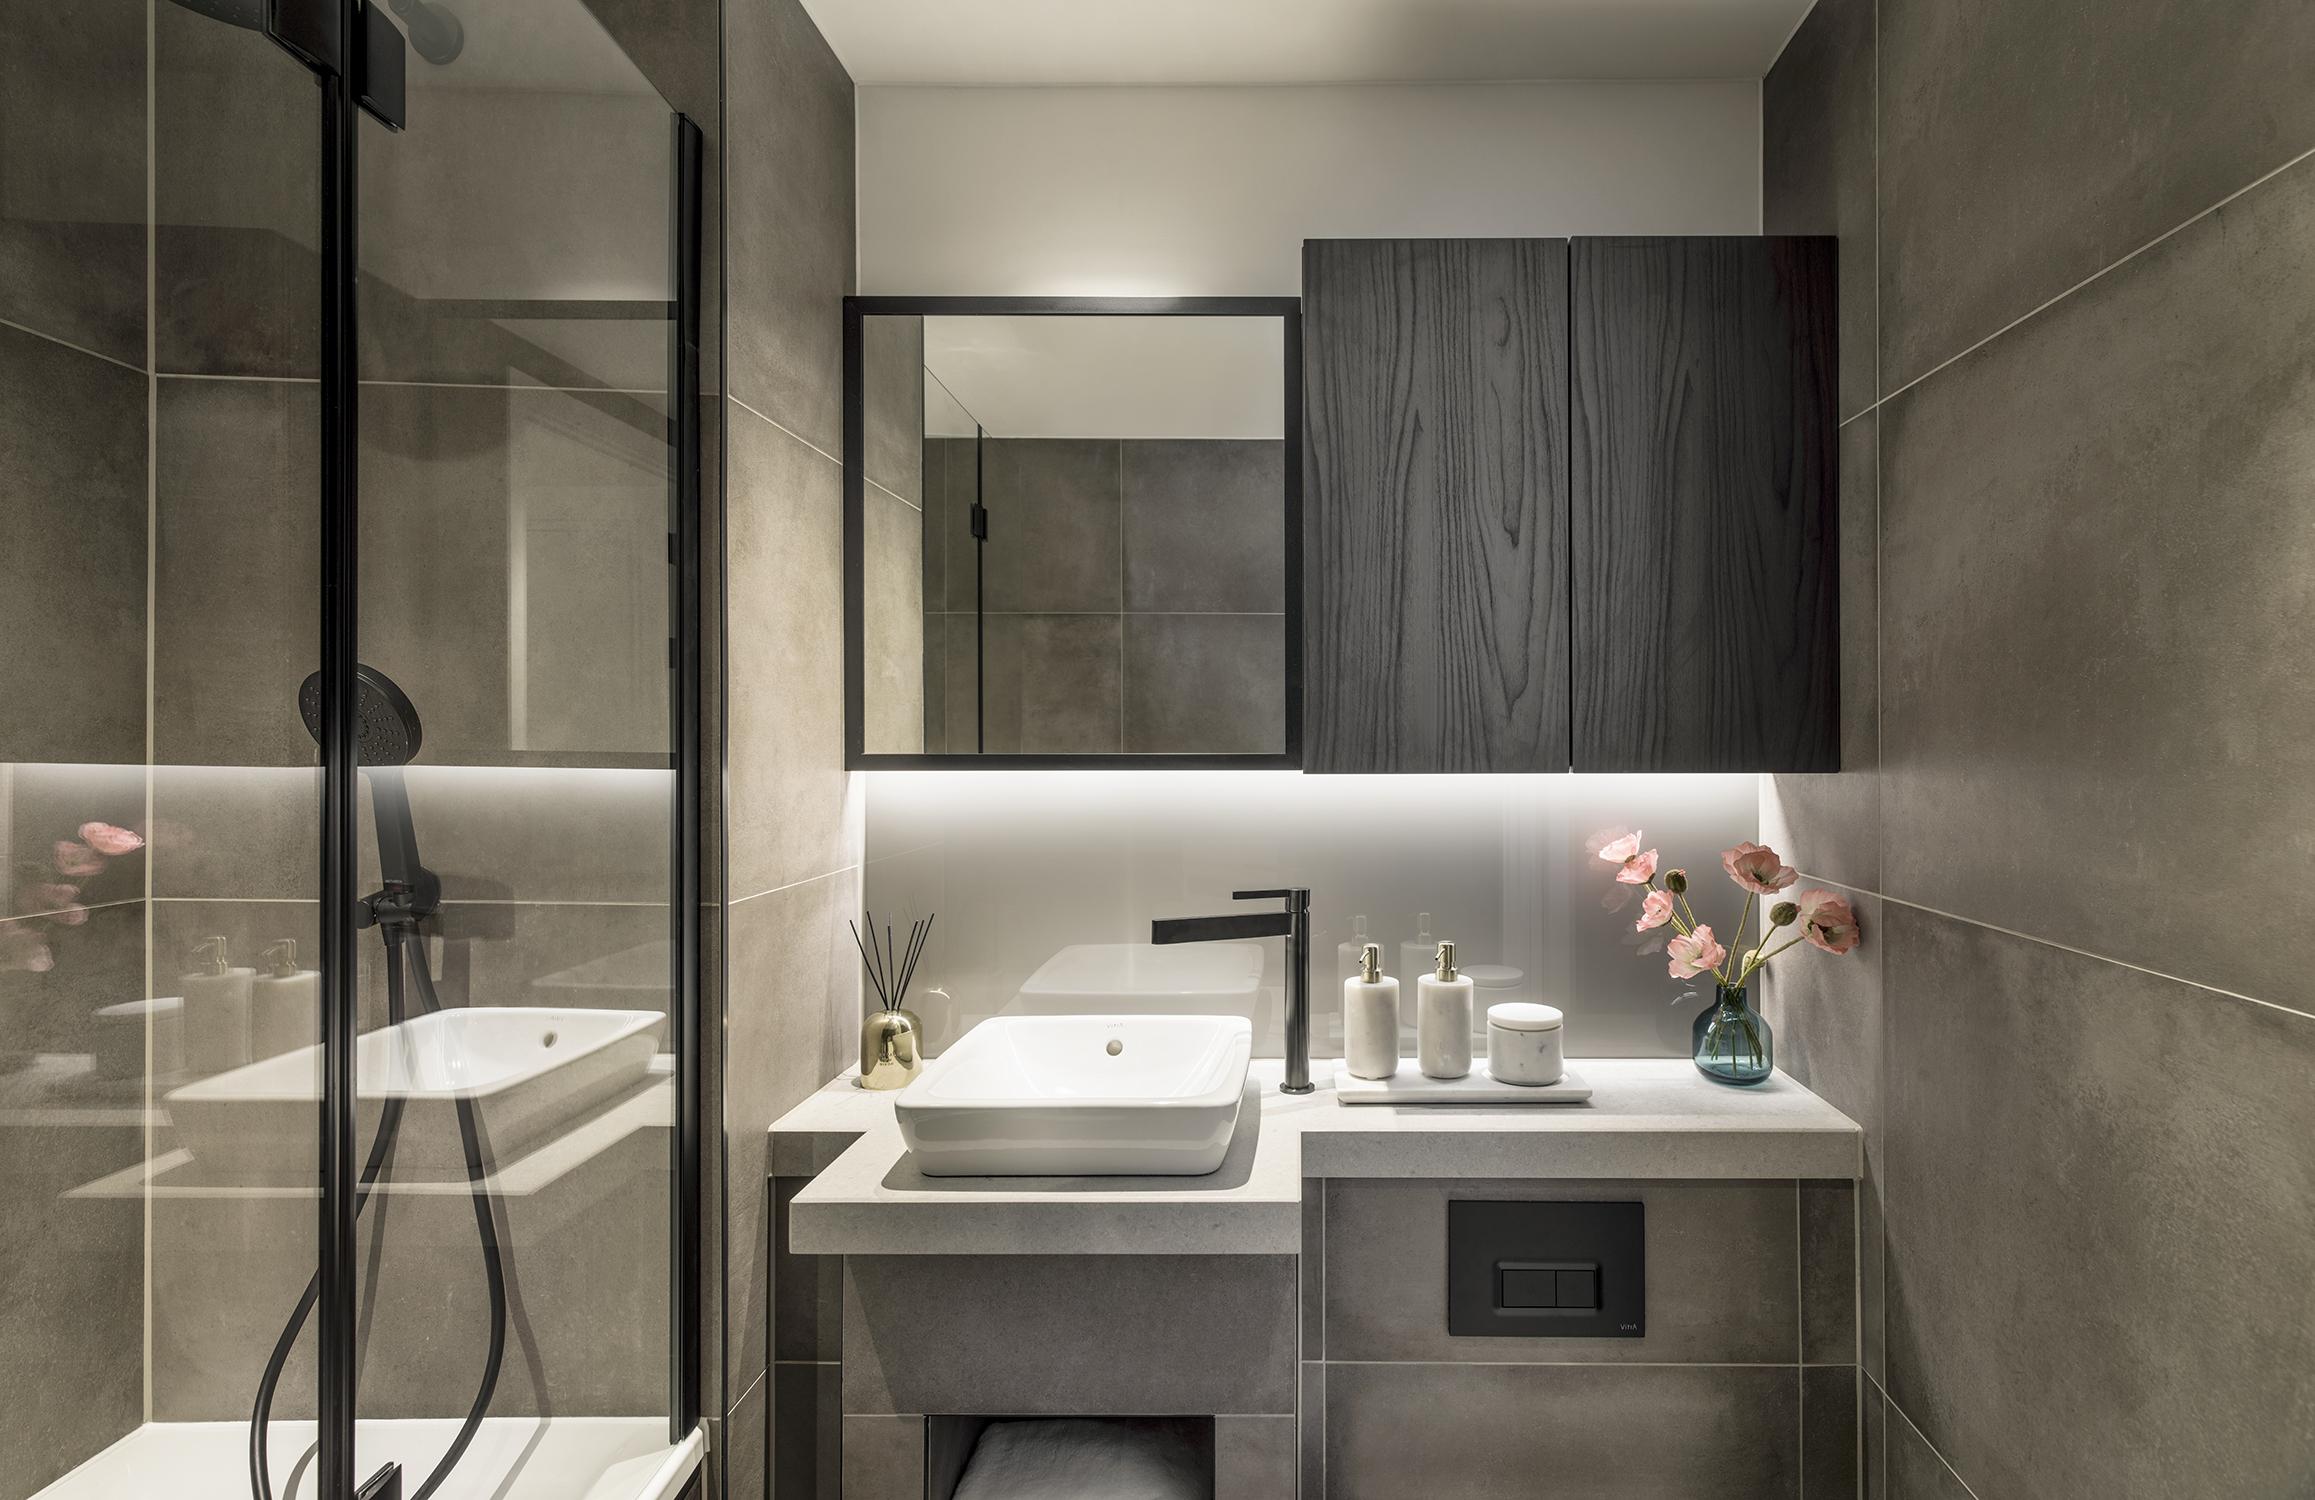 Fabrica,Keybridge,Mount Anvil,Vitra,Bathroom detail